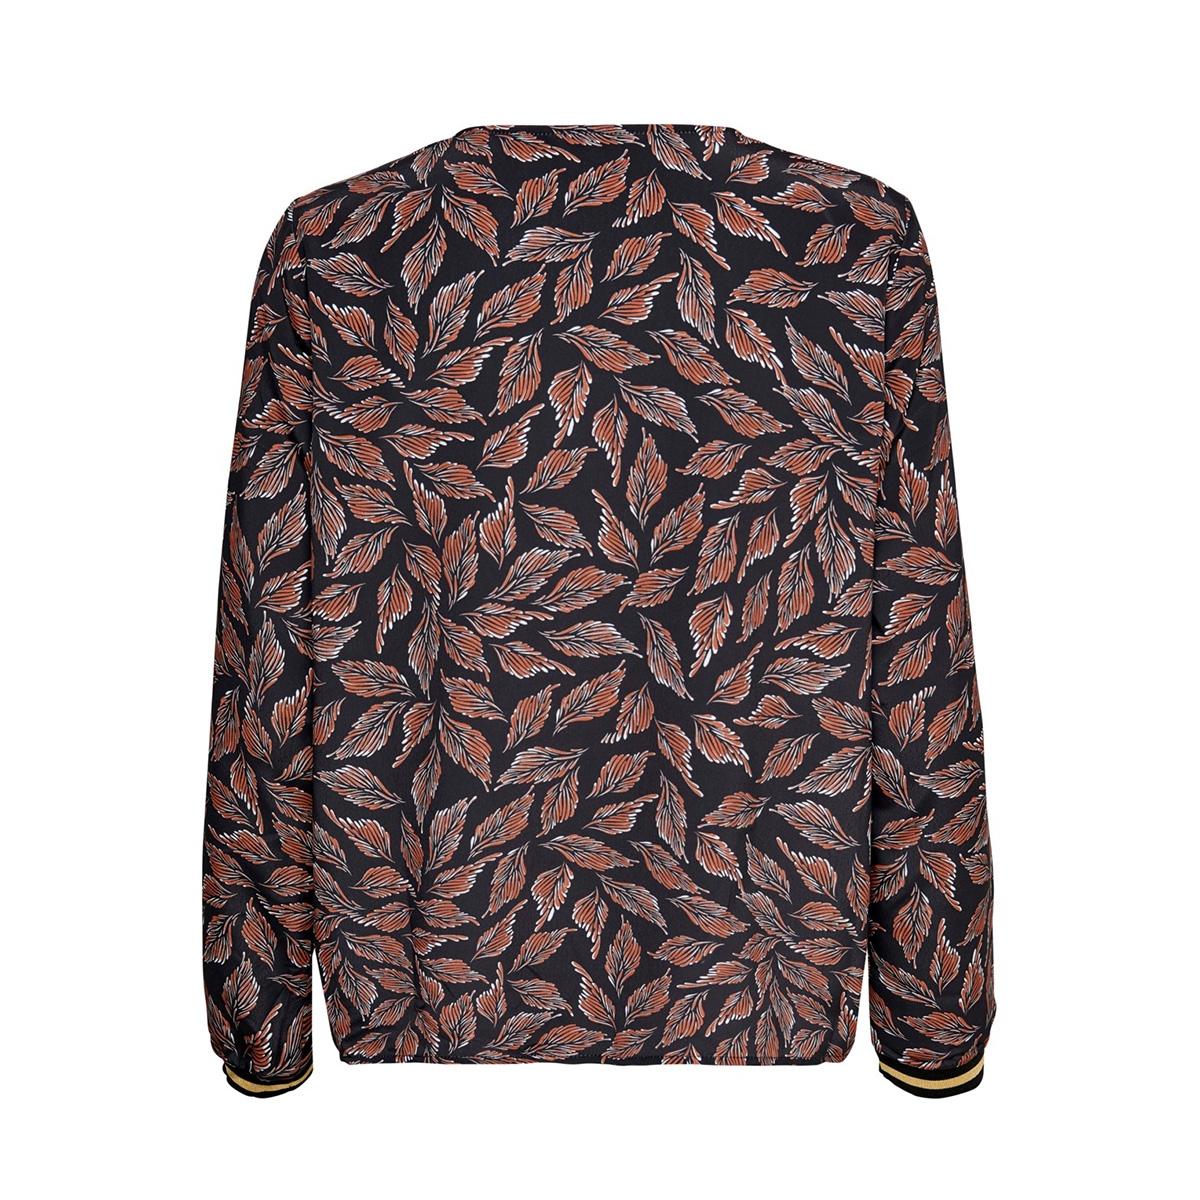 onllale l/s vneck top wvn 15198057 only t-shirt black/leaf white